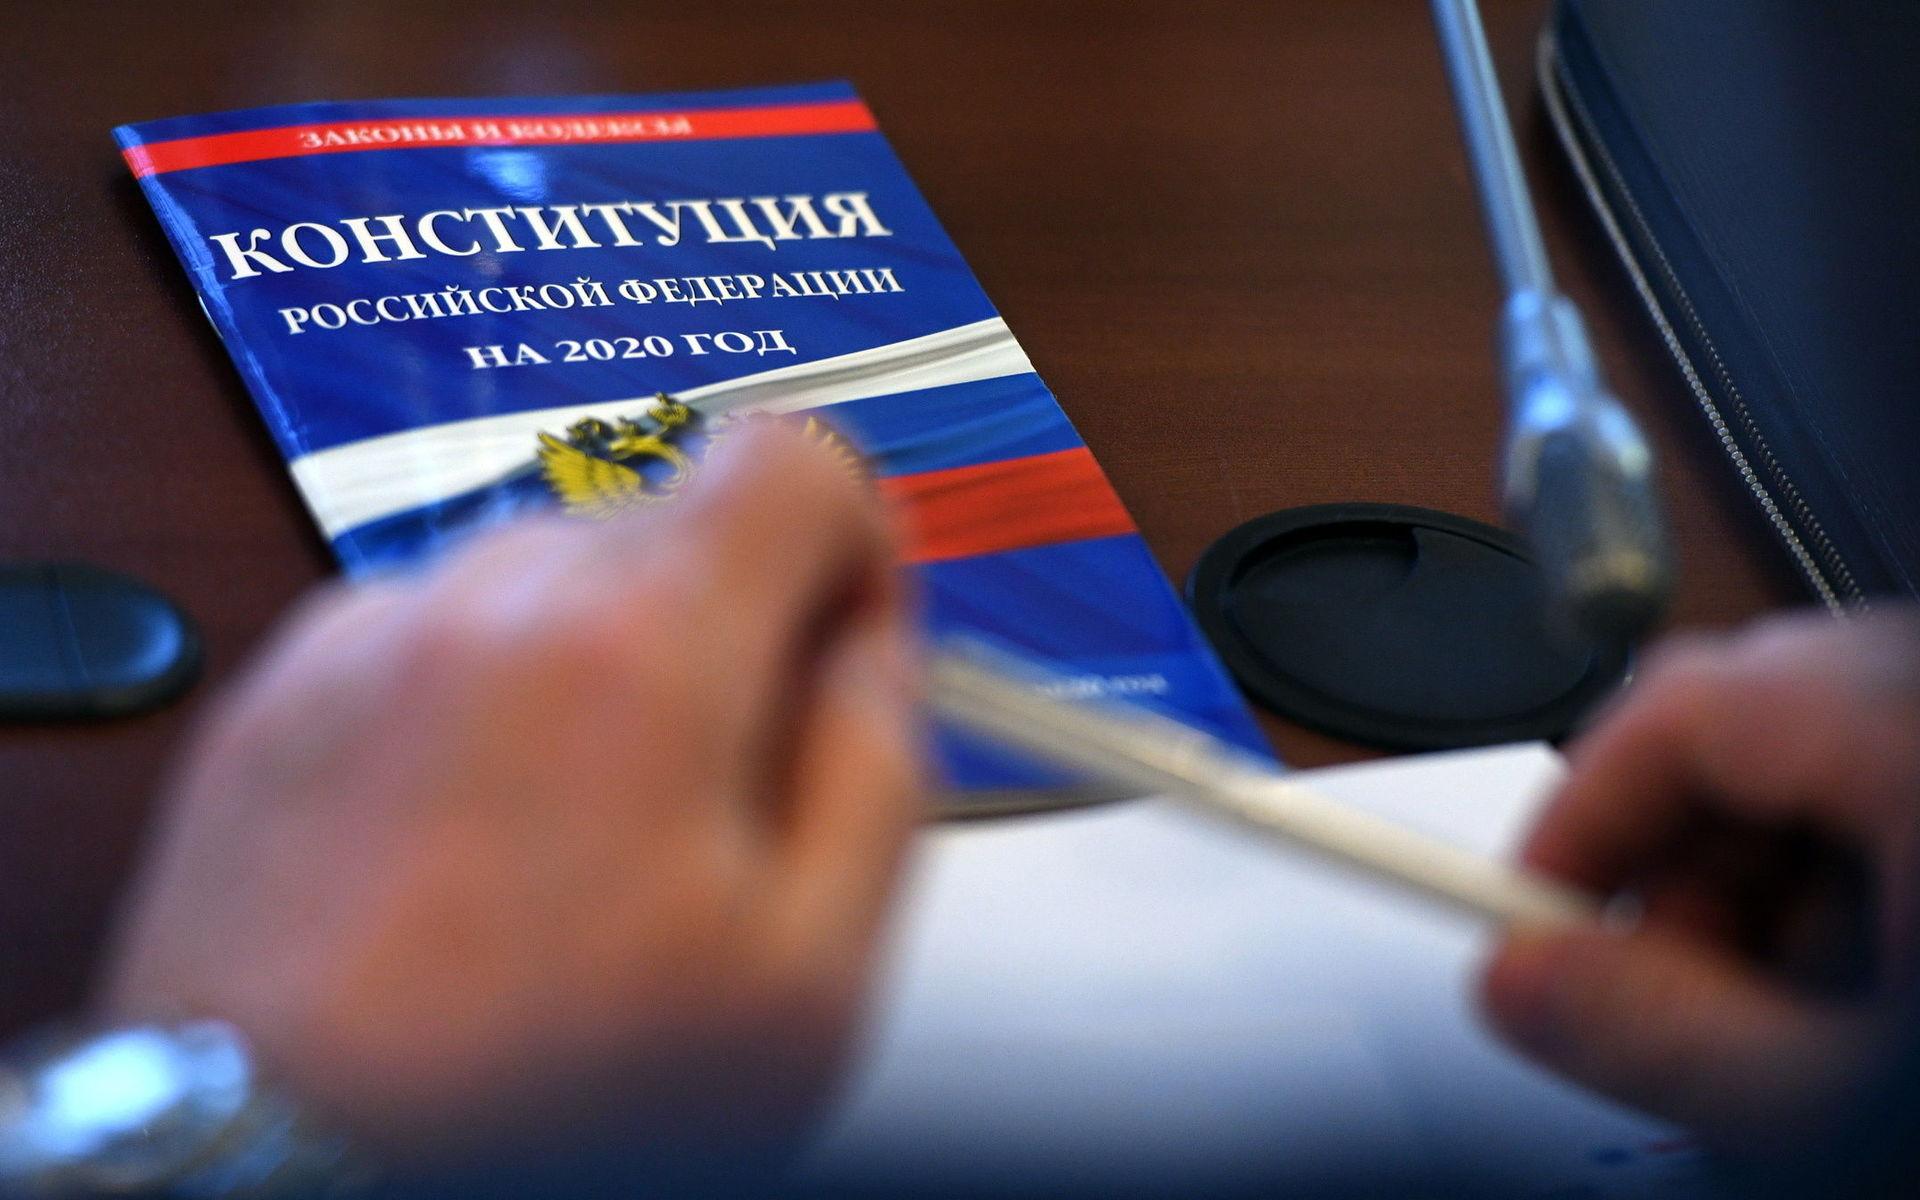 Начала работу горячая линия по голосованию жителей ДНР о поправках в Конституцию РФ